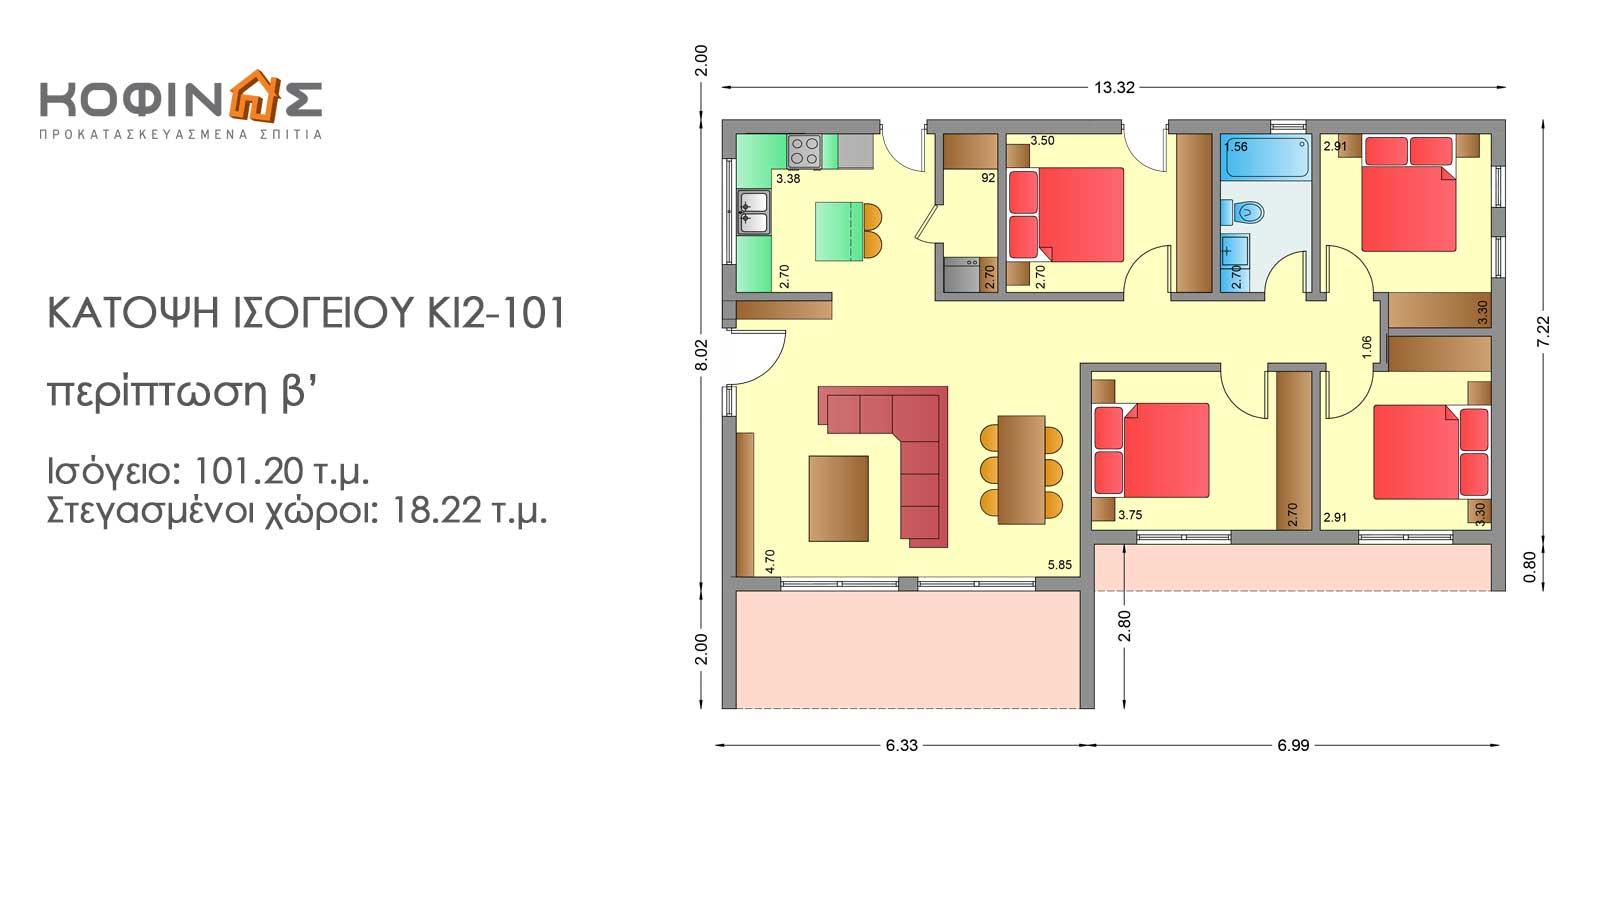 Ισόγεια Κατοικία ΚΙ2-101, συνολικής επιφάνειας 101,20 τ.μ.